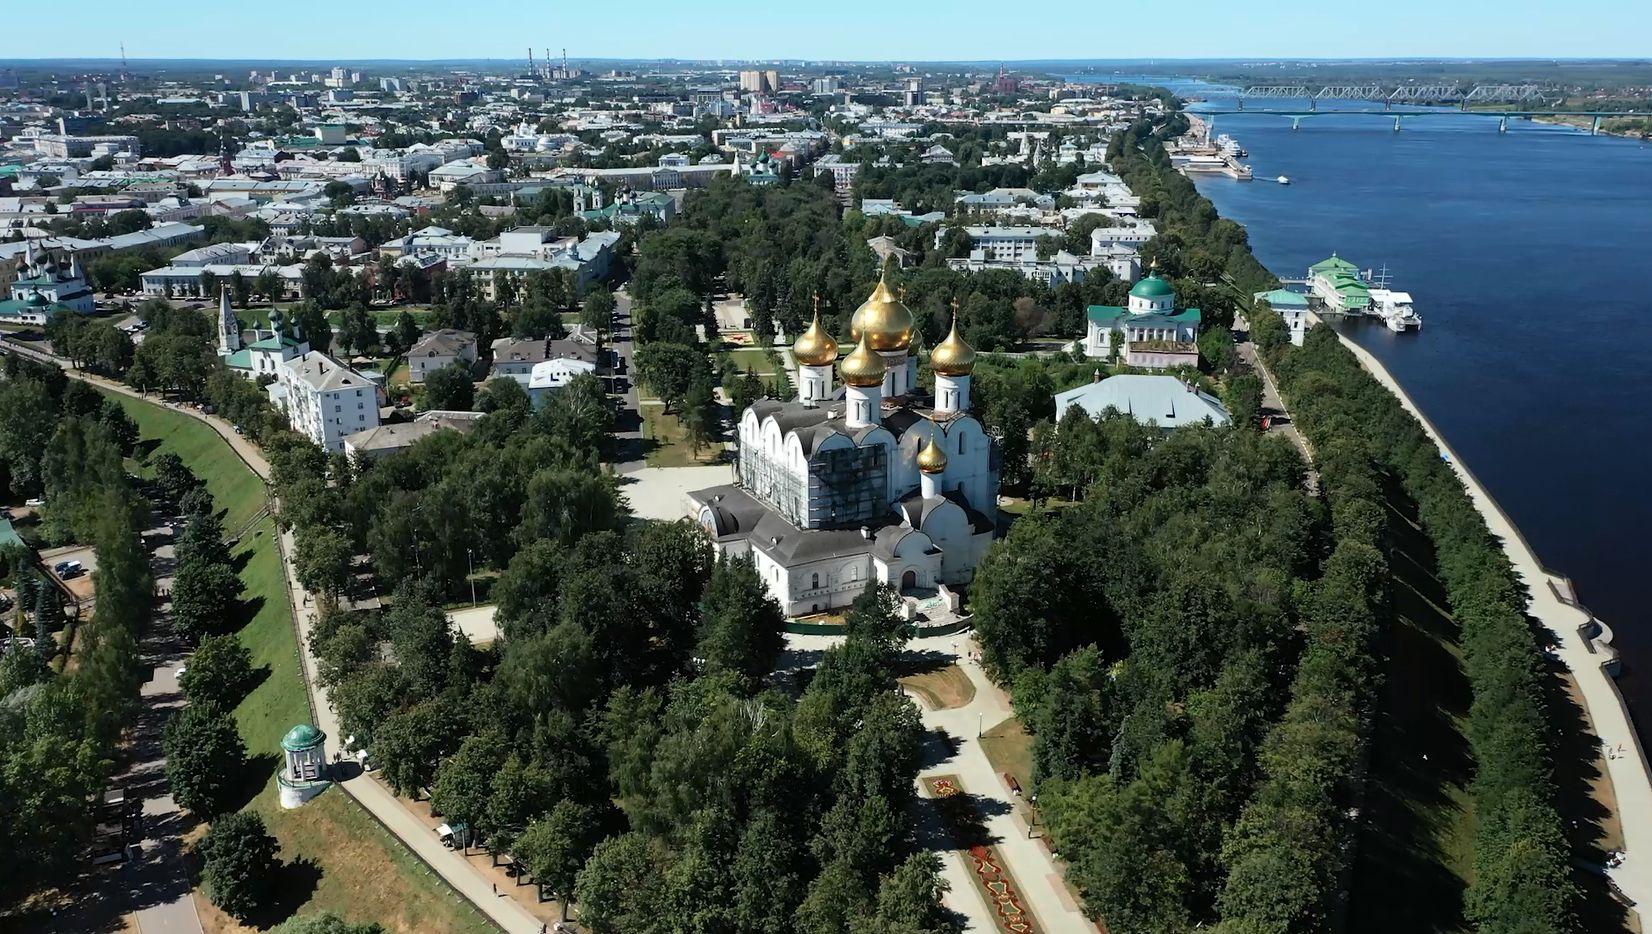 Ярославскую область посетило почти 3 миллиона путешественников за первое полугодие текущего года